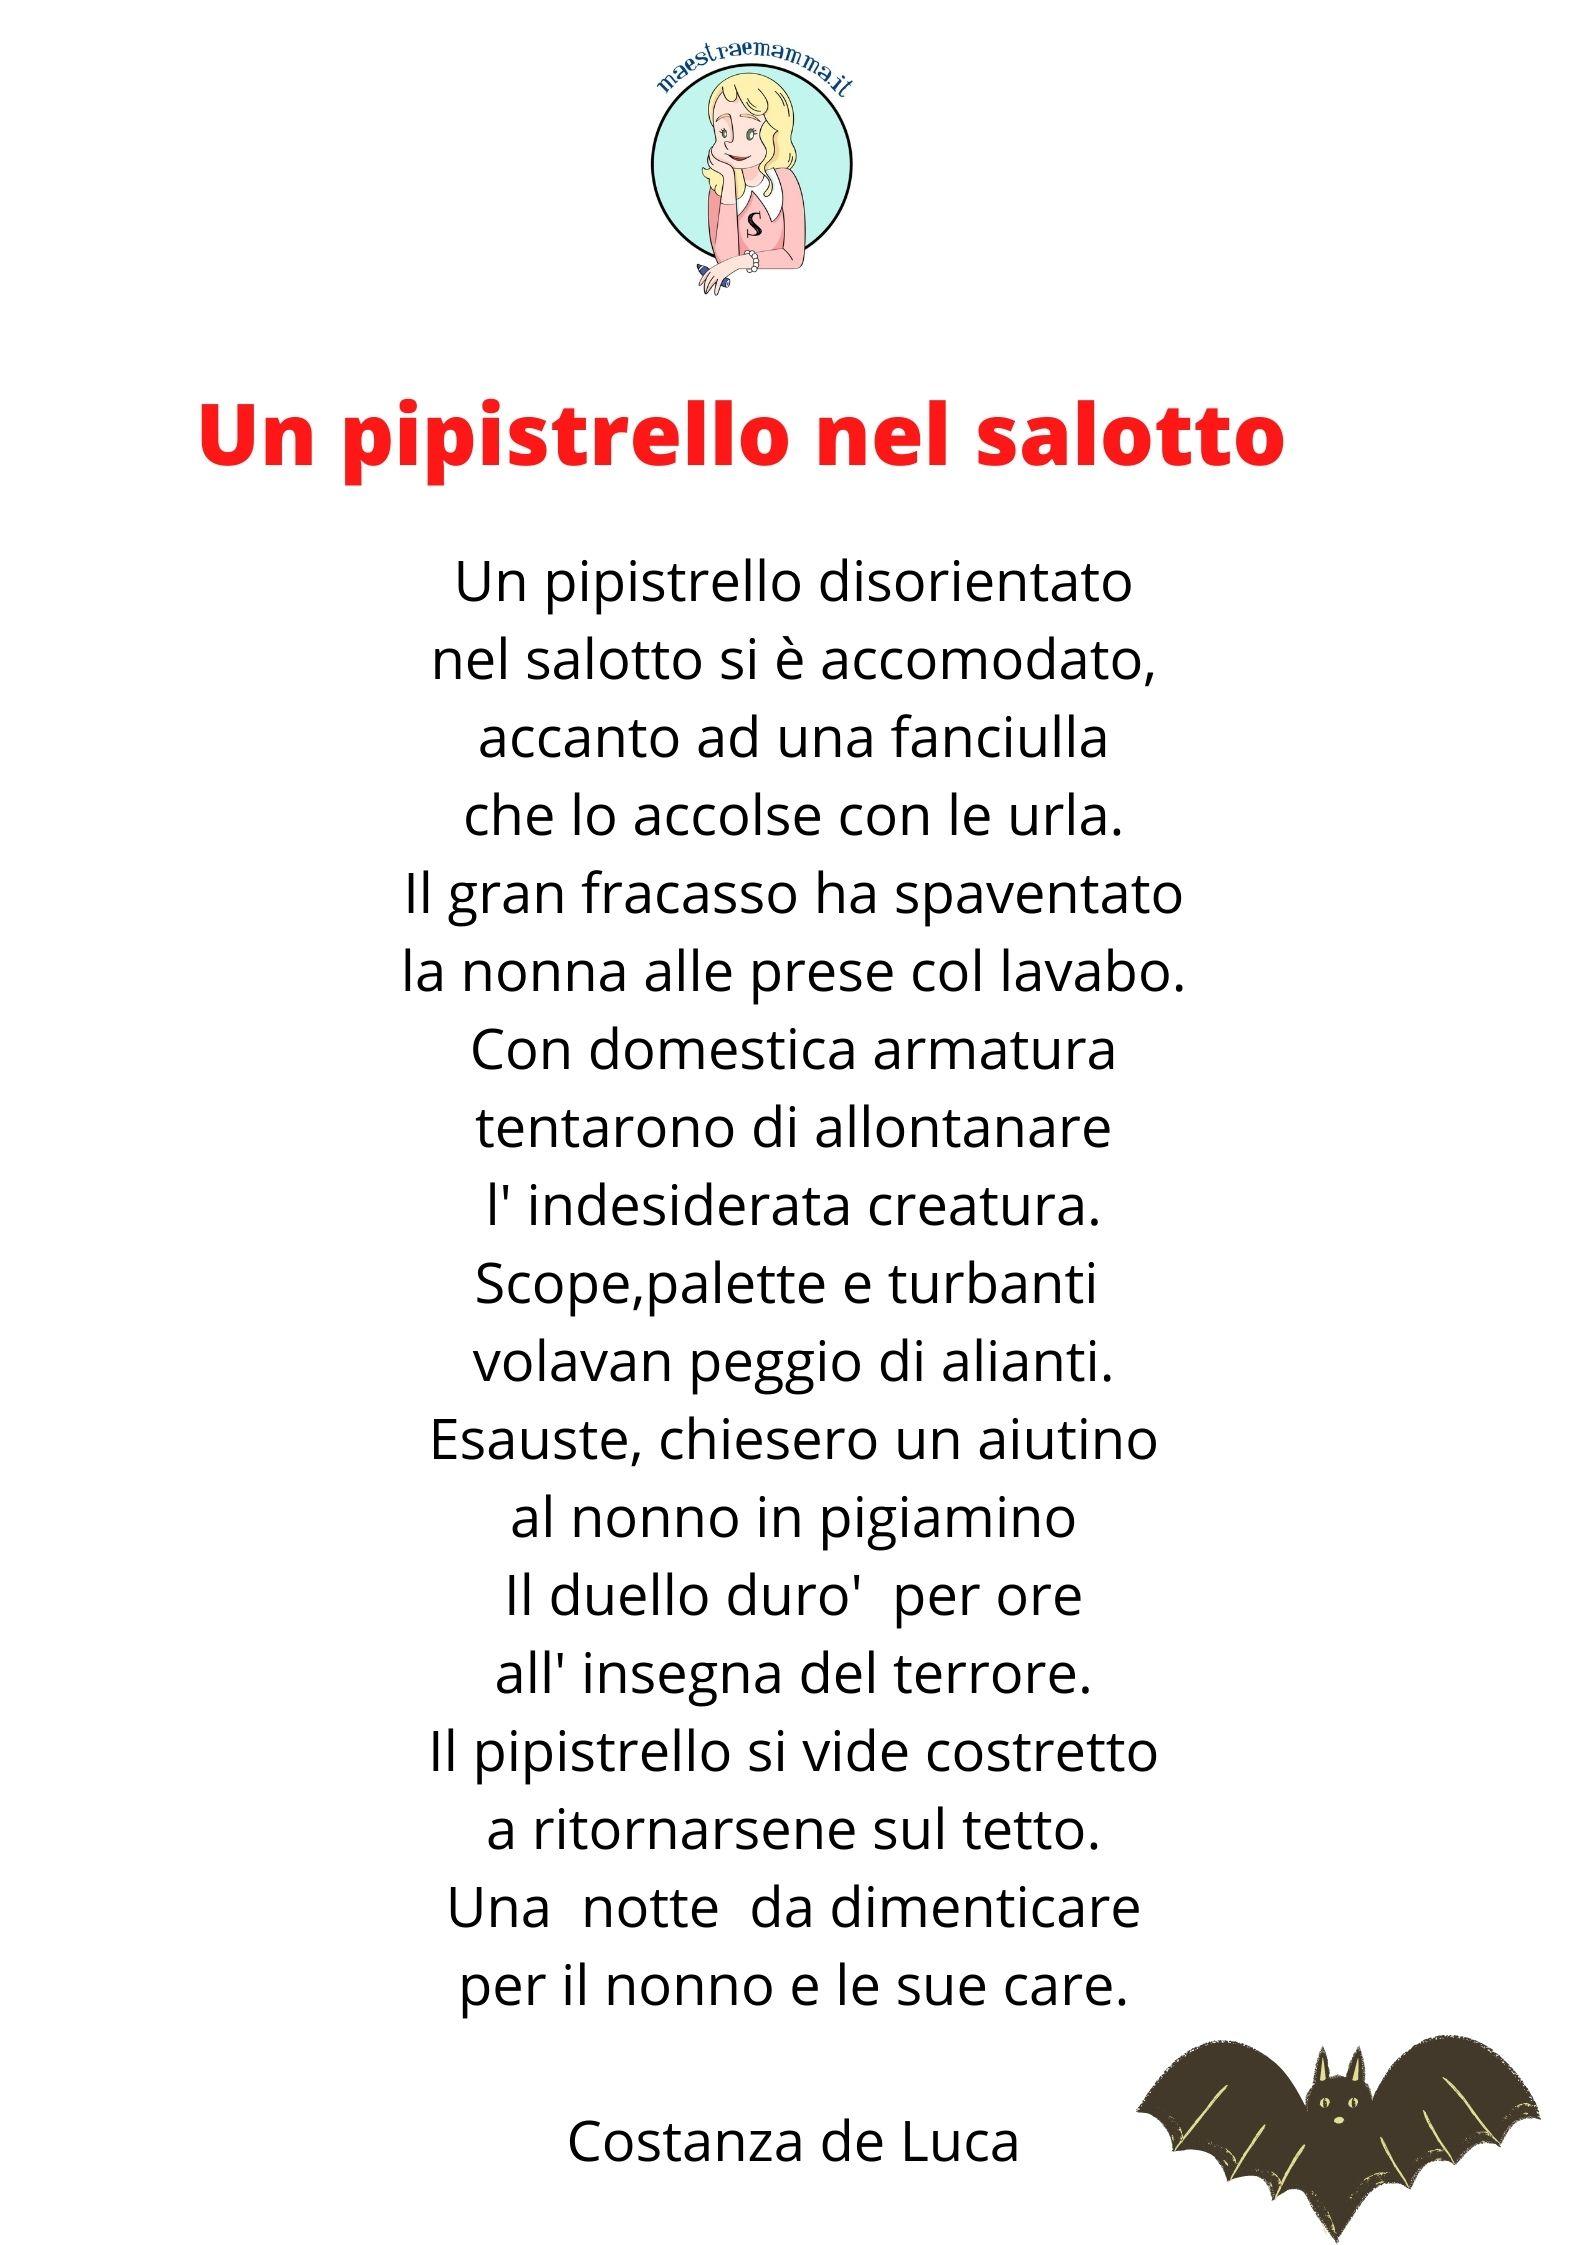 Un pipistrello nel salotto - poesia di Costanza De Luca